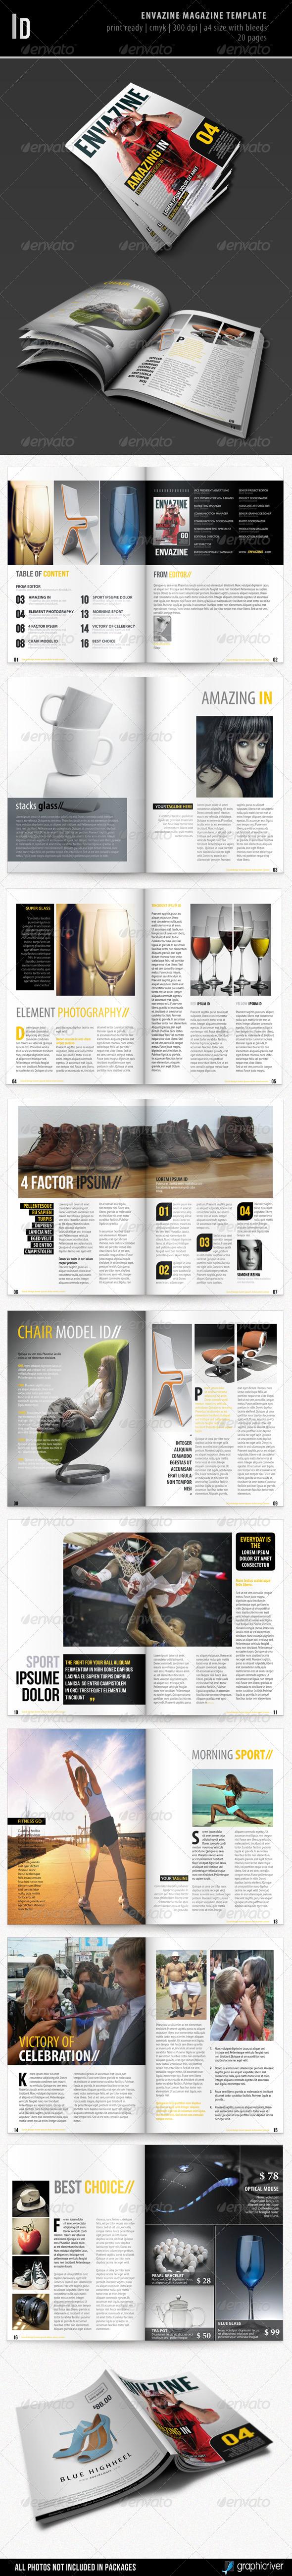 GraphicRiver Envazine Magazine Template 2859221